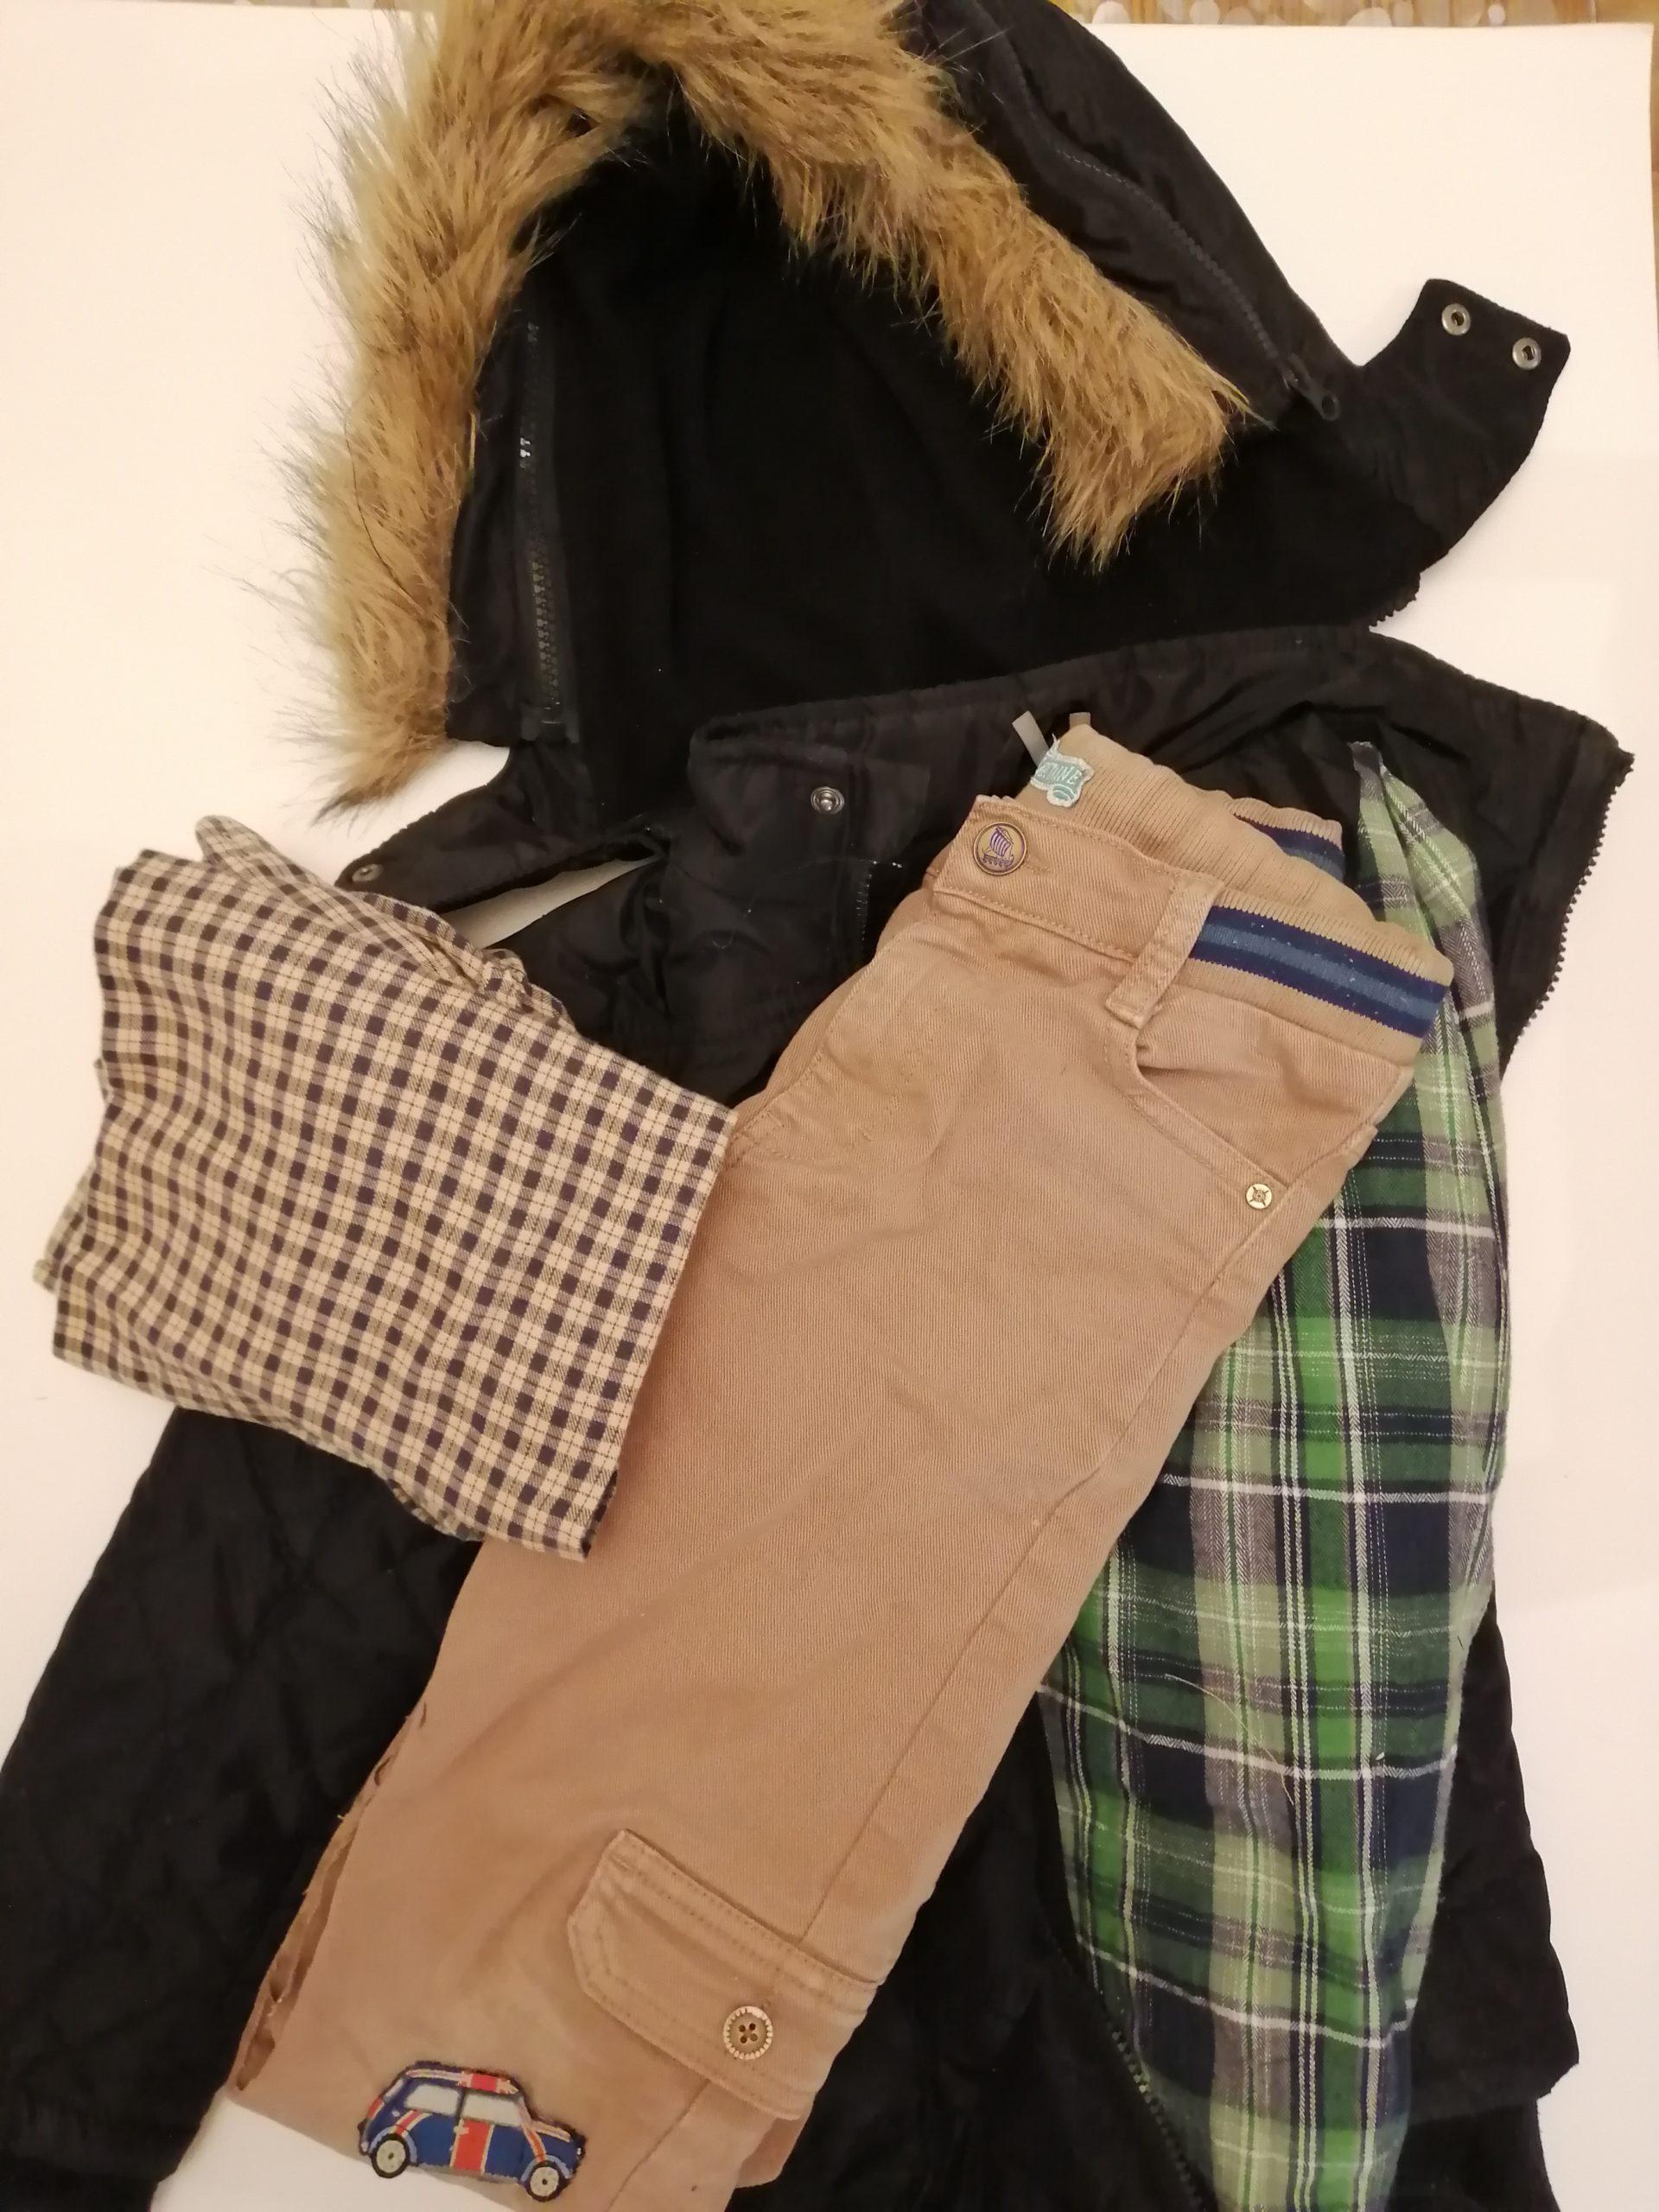 Vêtements choisis pour le recyclage